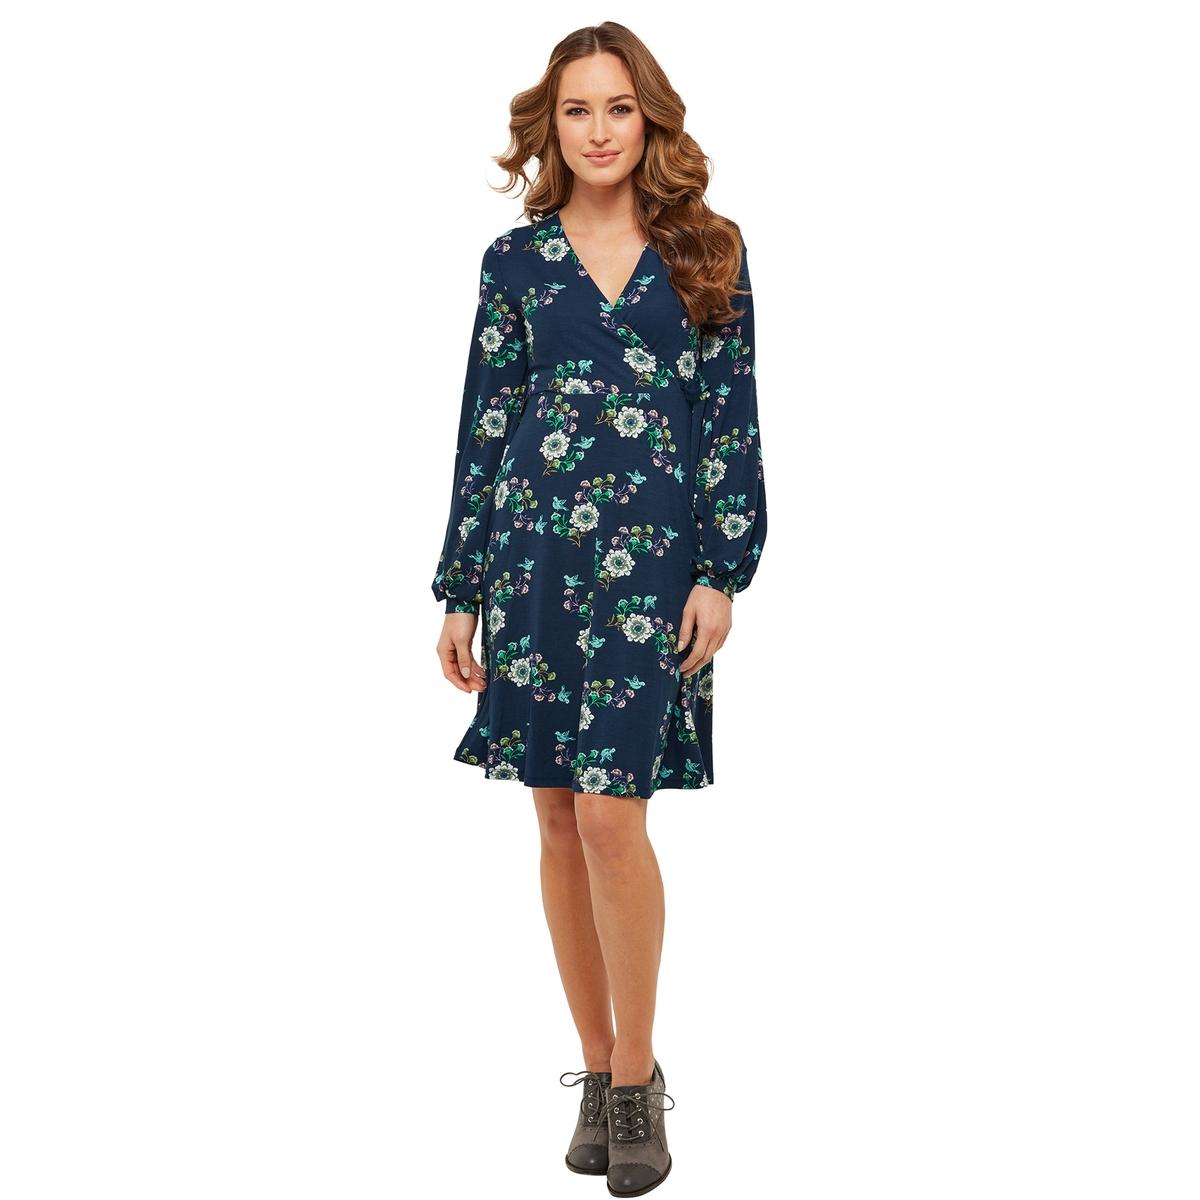 Платье с V-образным вырезом, длинными рукавами и цветочным рисунком платье с запахом длинными рукавами и цветочным рисунком